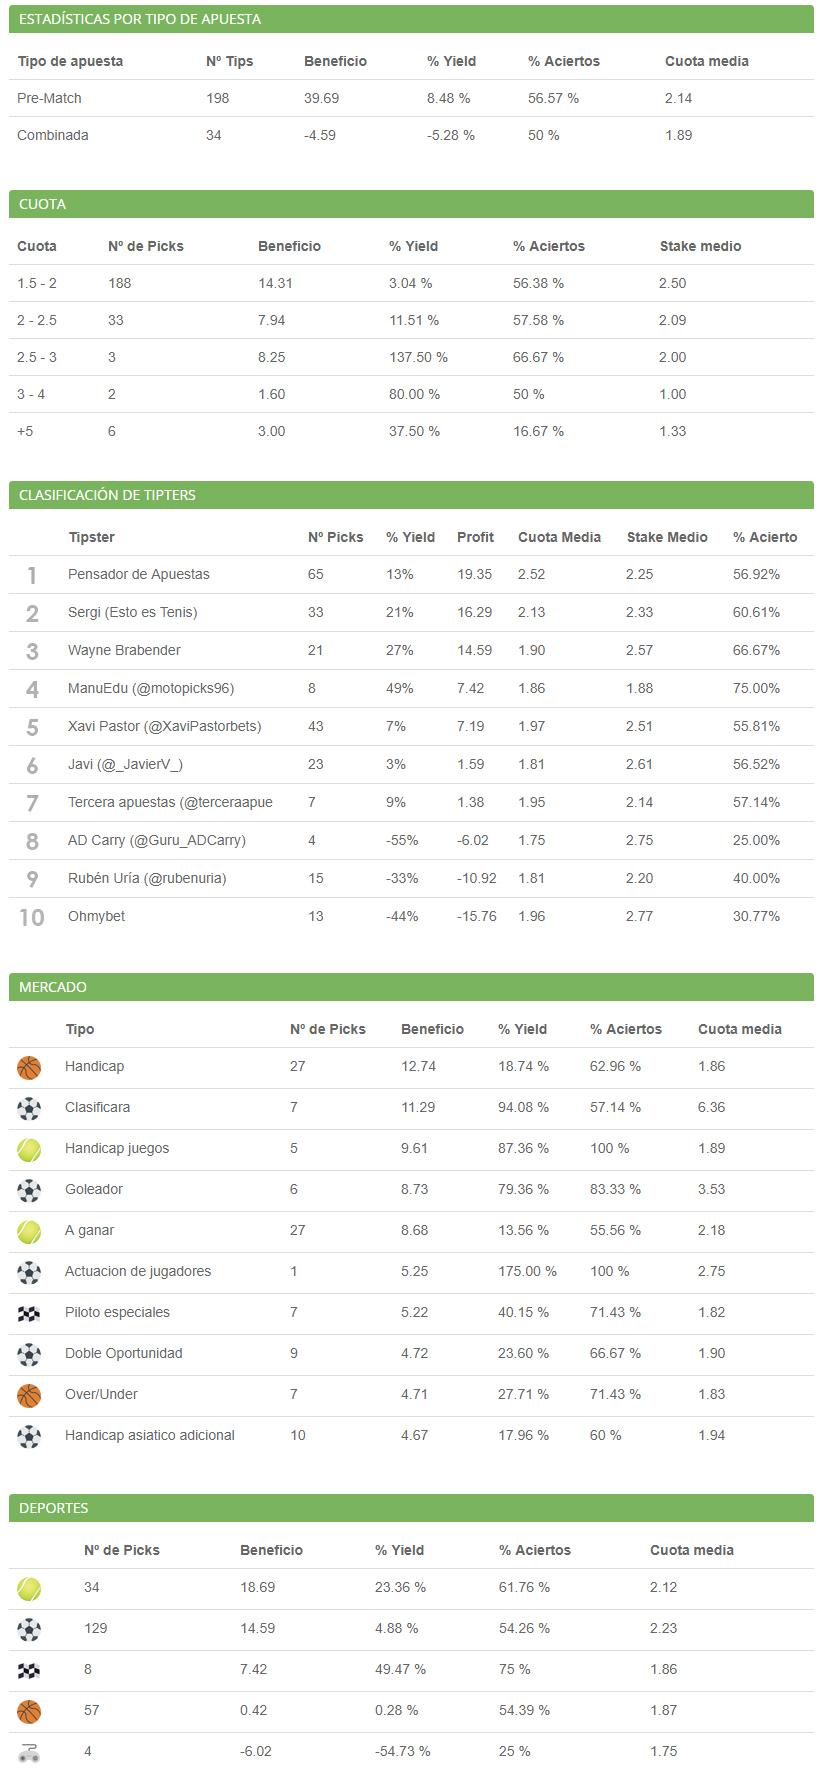 7 - Estadísticas anuales detalladas - Agosto 2018